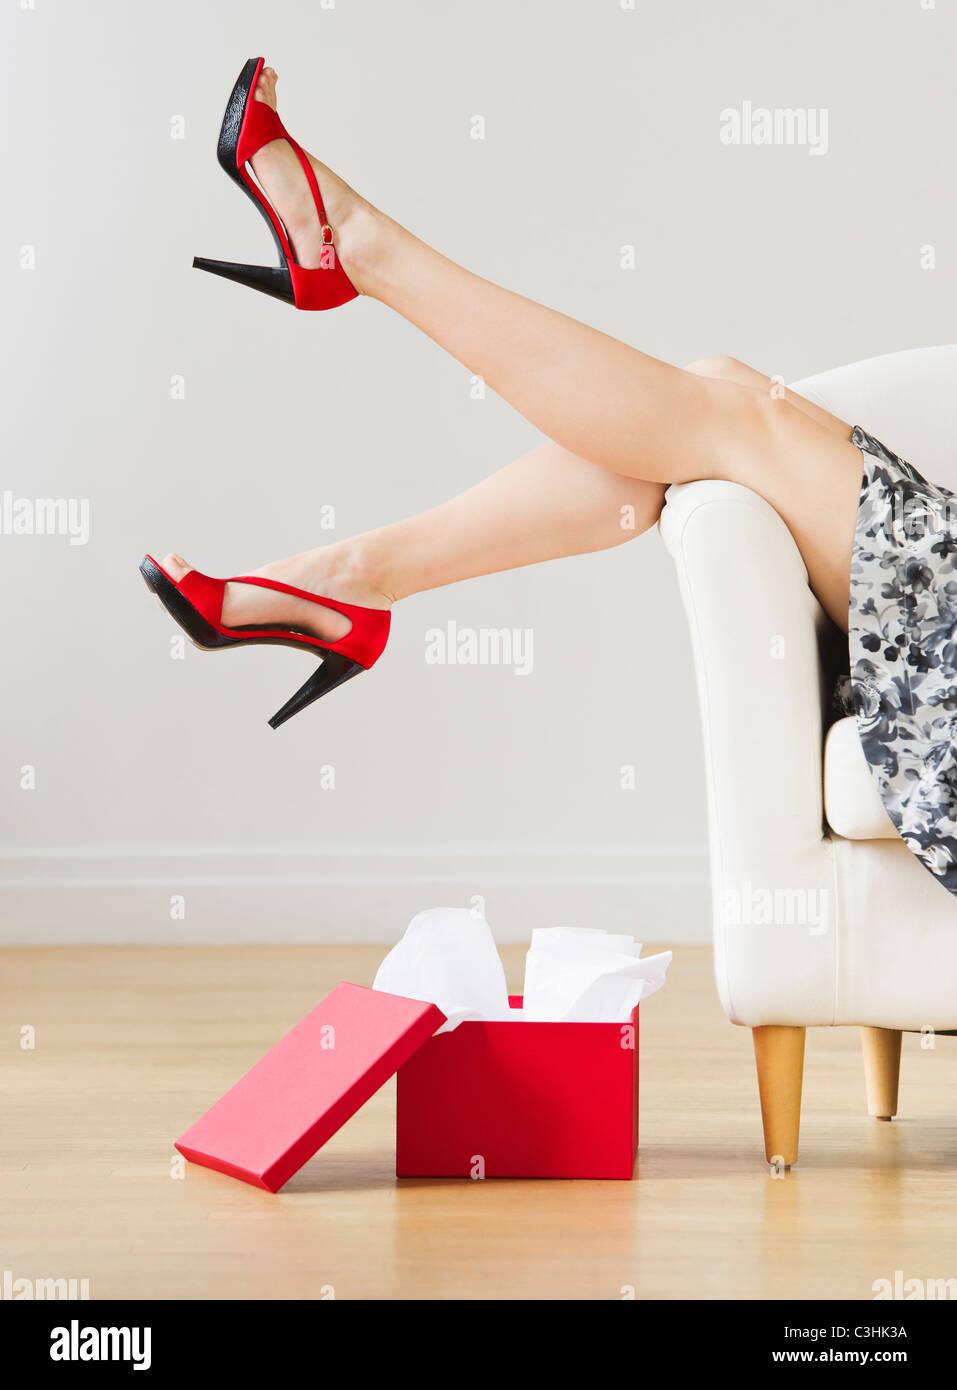 Как сделать чтобы не красила обувь